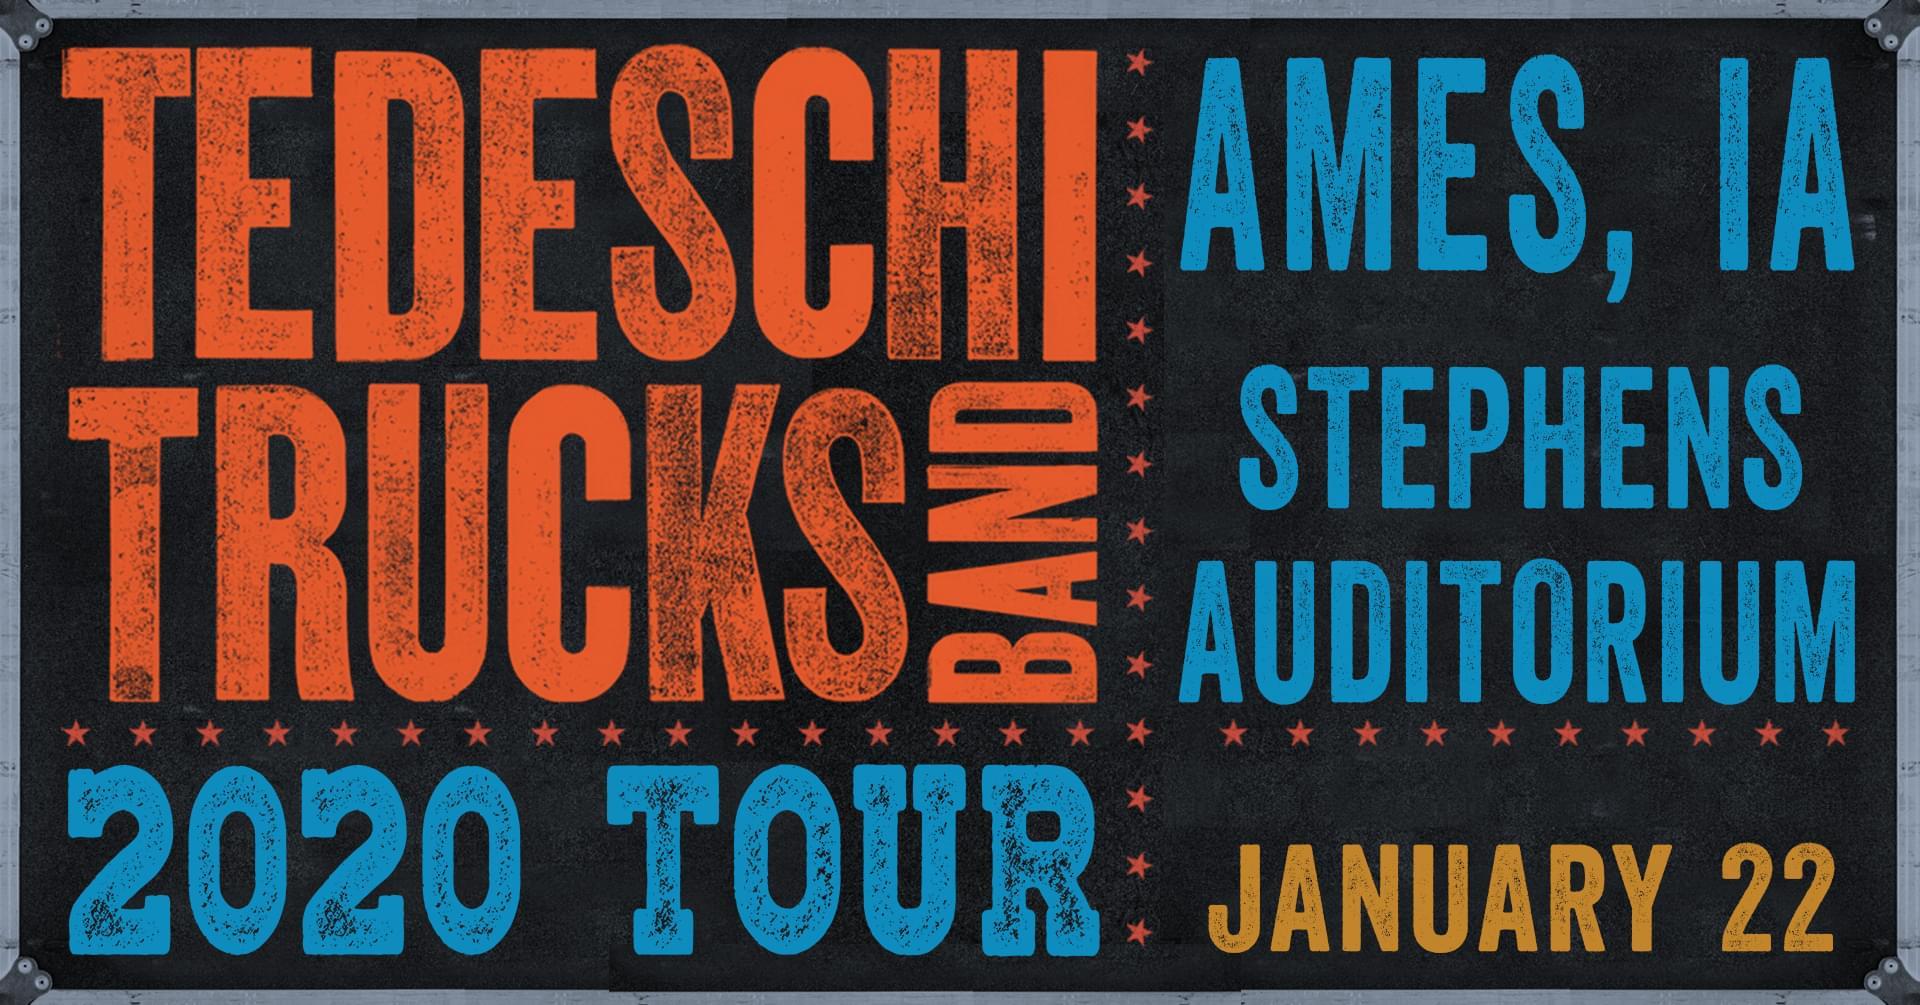 Tedeschi Trucks Band at Stephens Auditorium